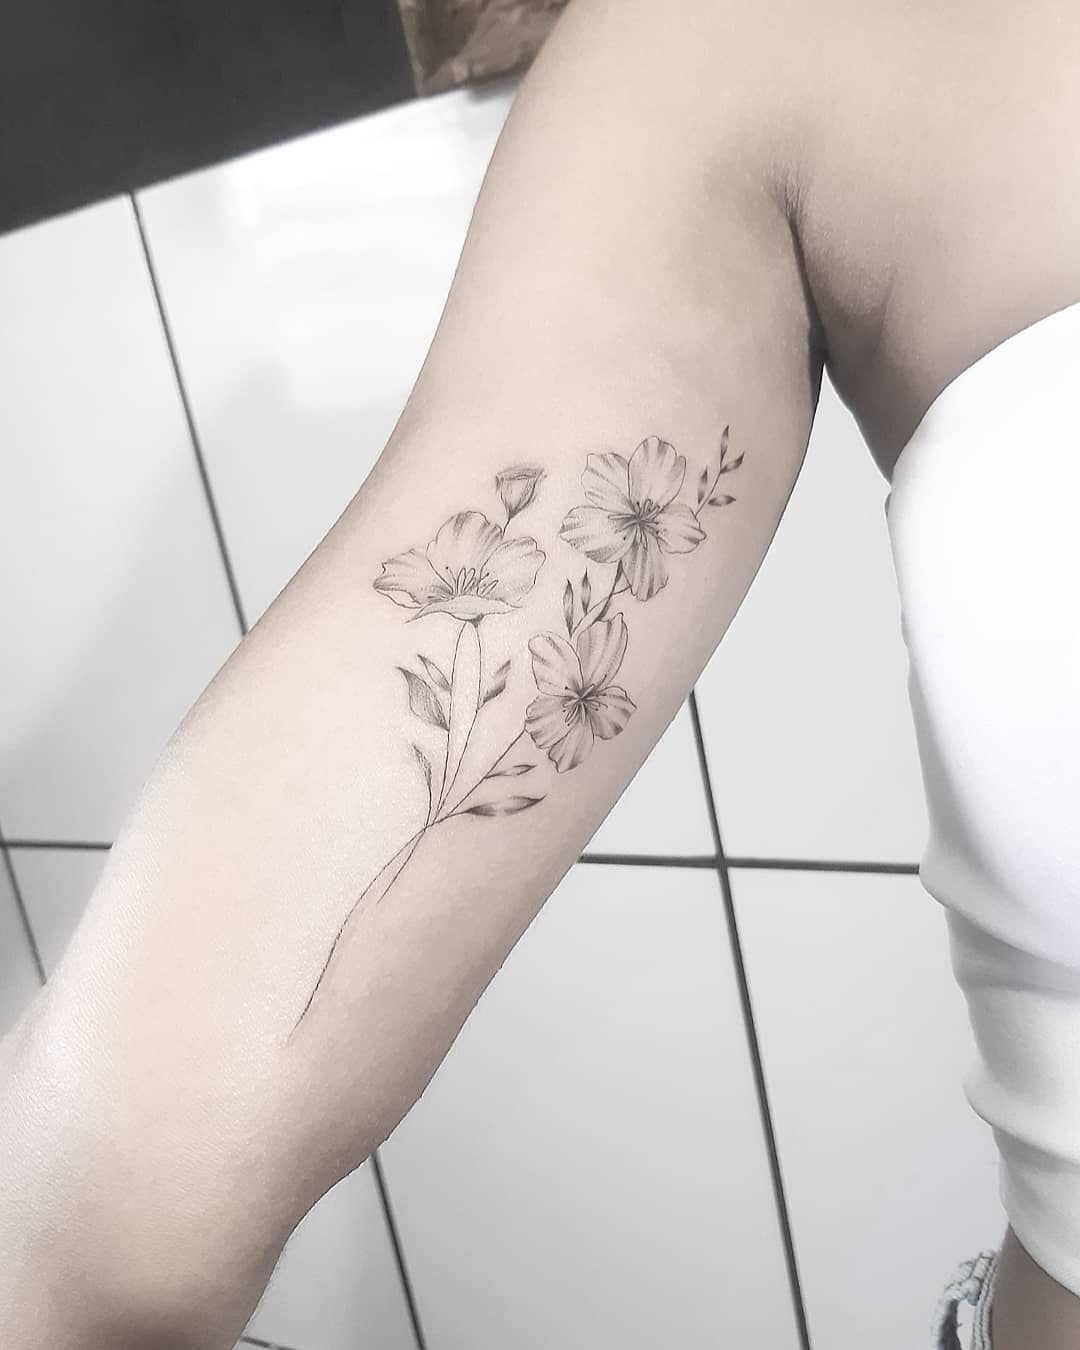 Pequeno floral que criei pra Carol. Muito obrigado pela confiança no meu trabalho! (trabalho feito no início de Março) . . . Obrigado a todos que curtem e acompanham o meu trabalho! . . . #tatuagem #tattoo #tatuagemfeminina #tattoed #tattoogirl #tattooist #tattoo2me #tattoos #tattooer #flowers #flowertattoo #fineline #finelinetattoo